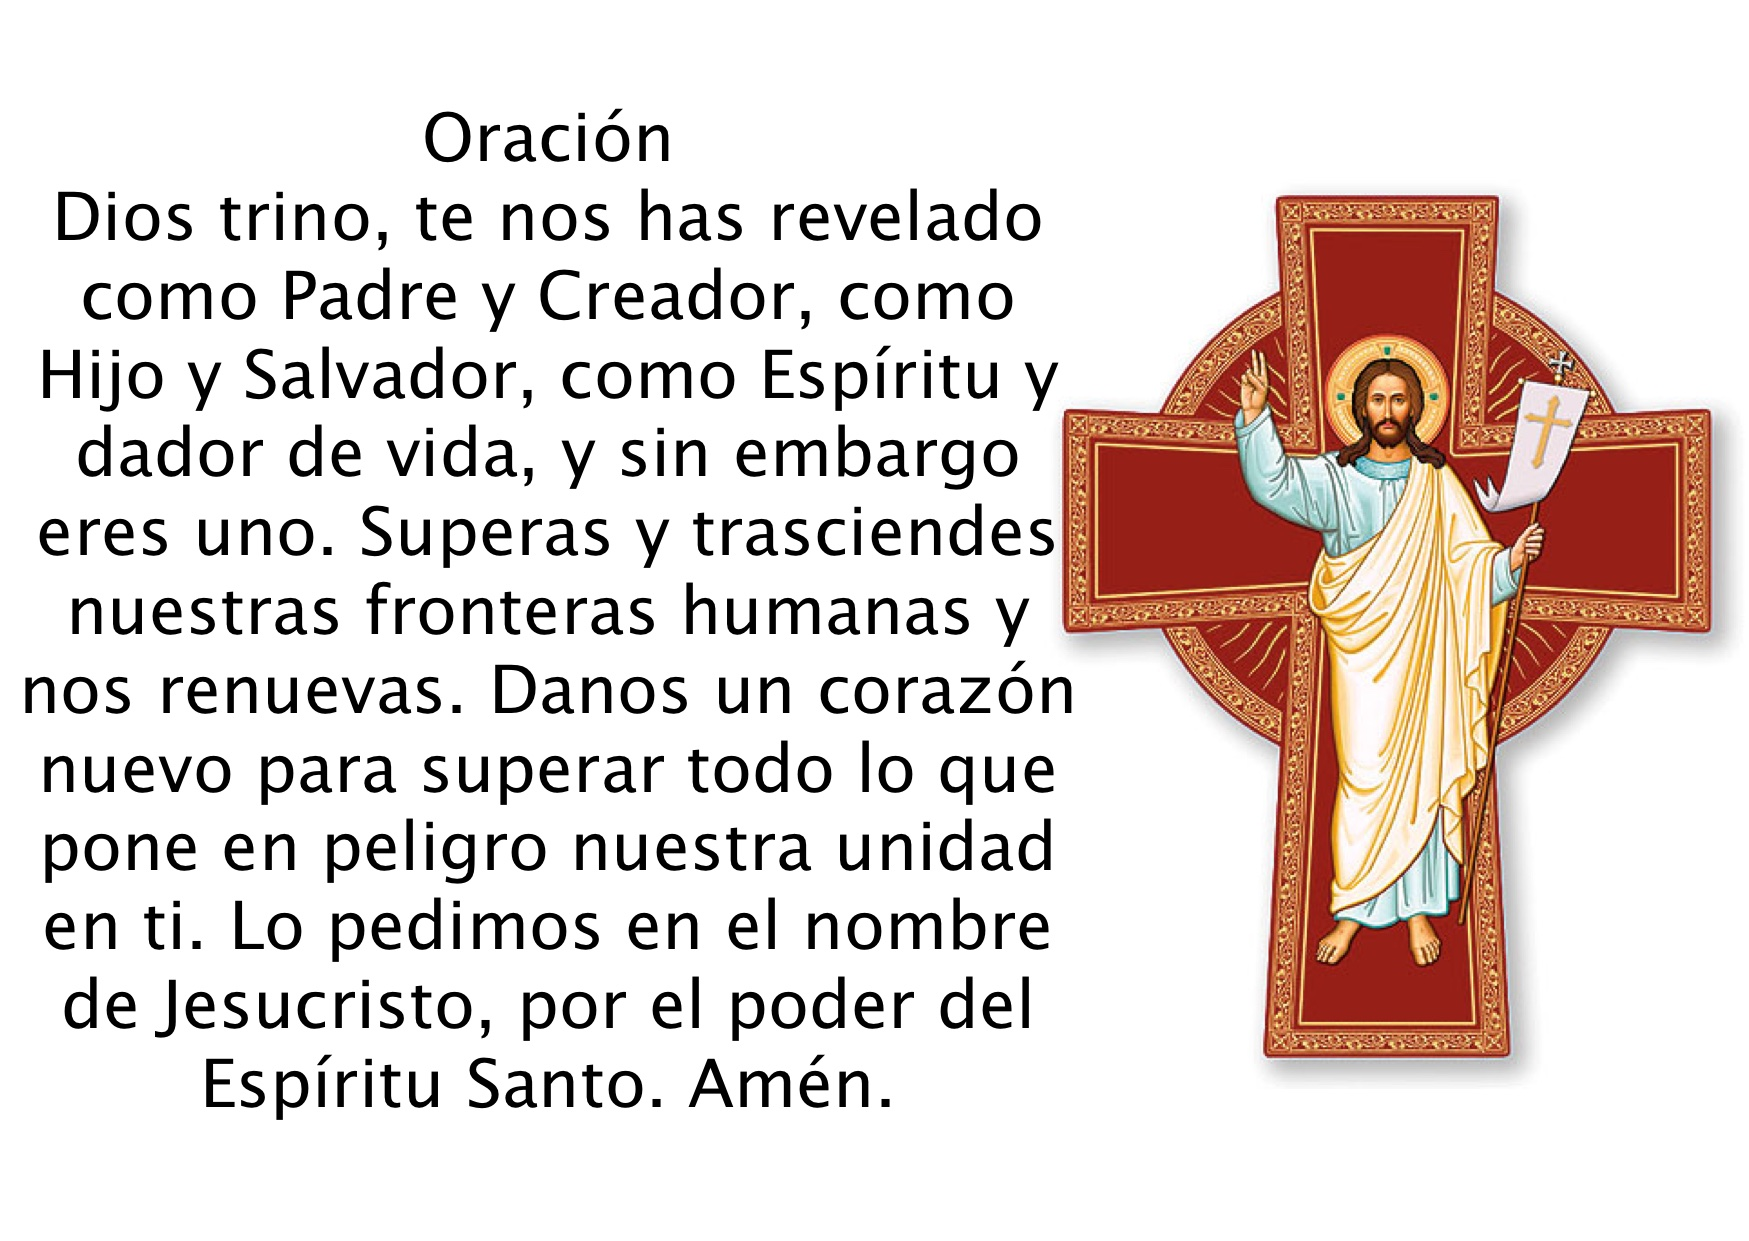 Resultado de imagen de oracion por la unidad de los cristianos